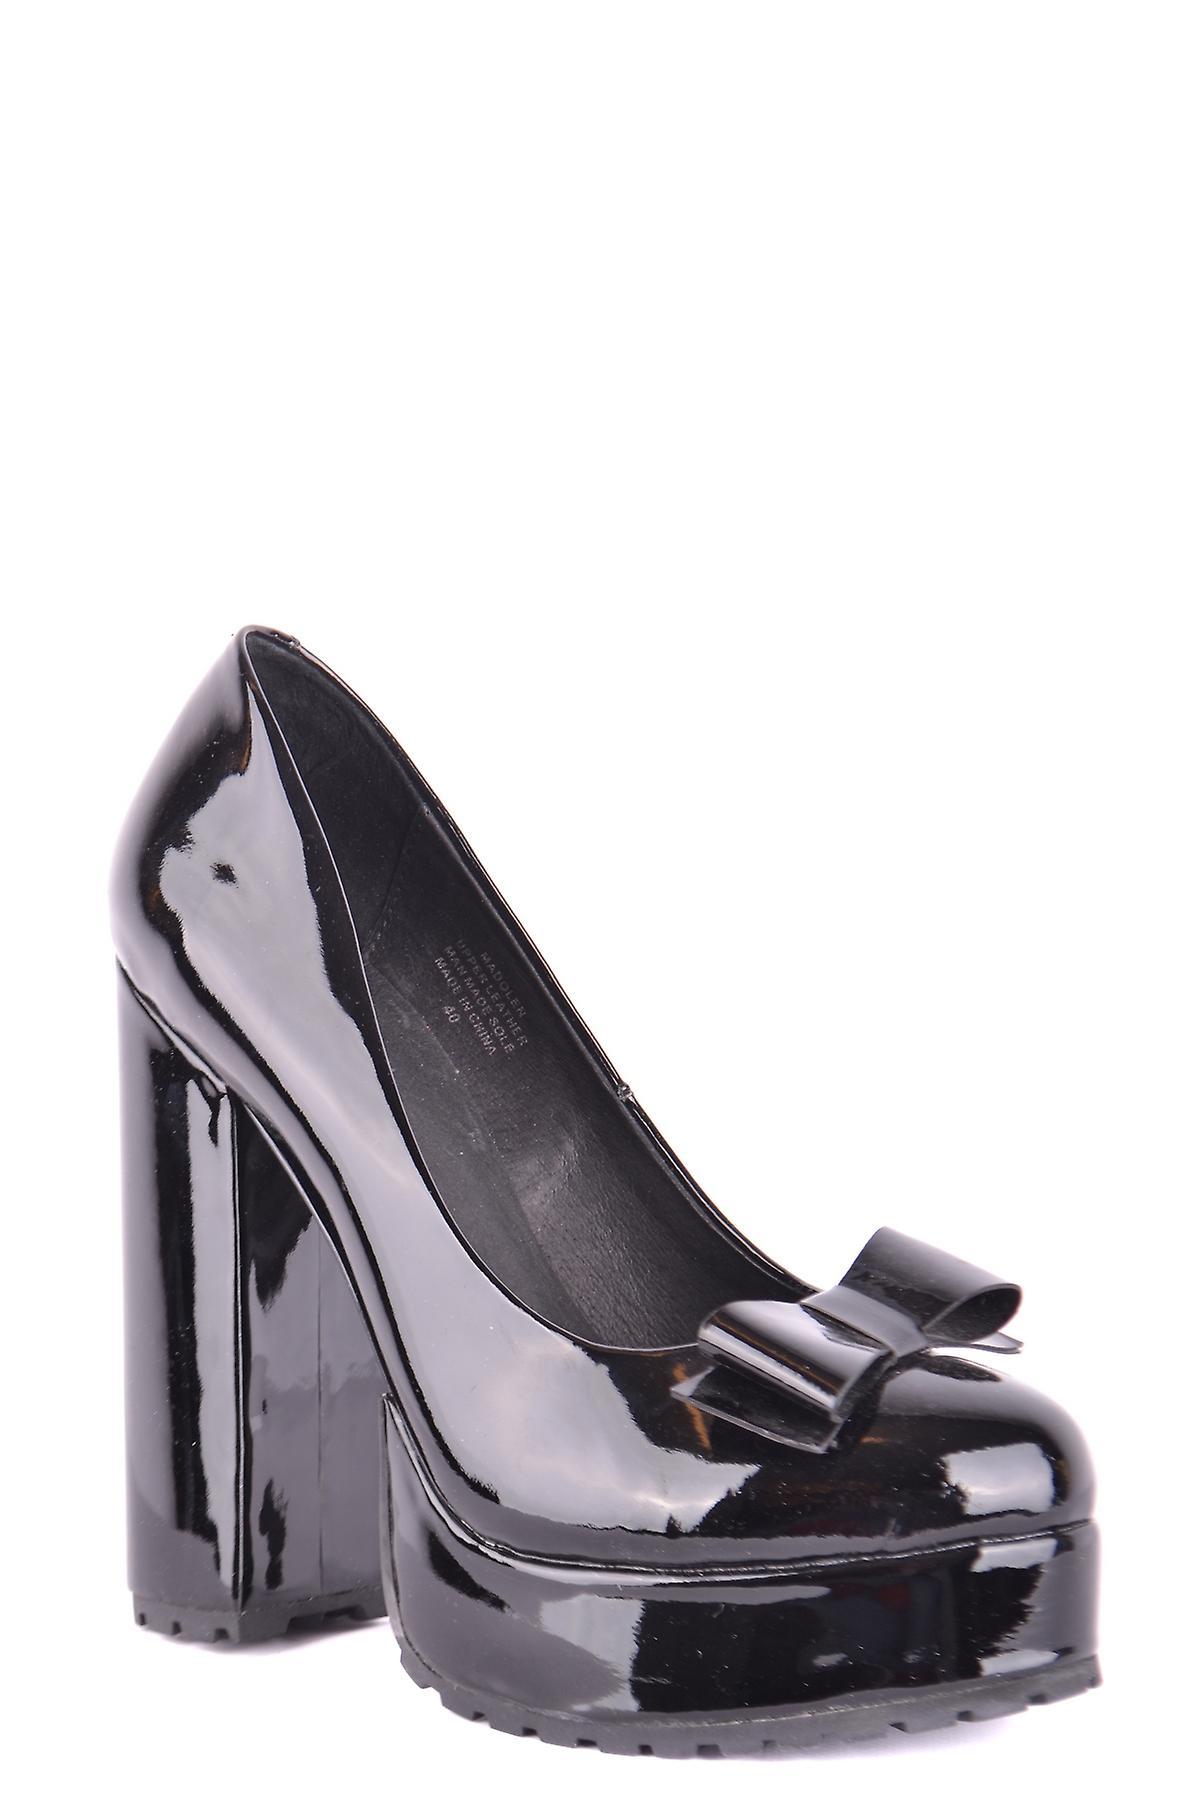 Jeffrey Campbell Ezbc132004 Women's Black Patent Leather Pumps